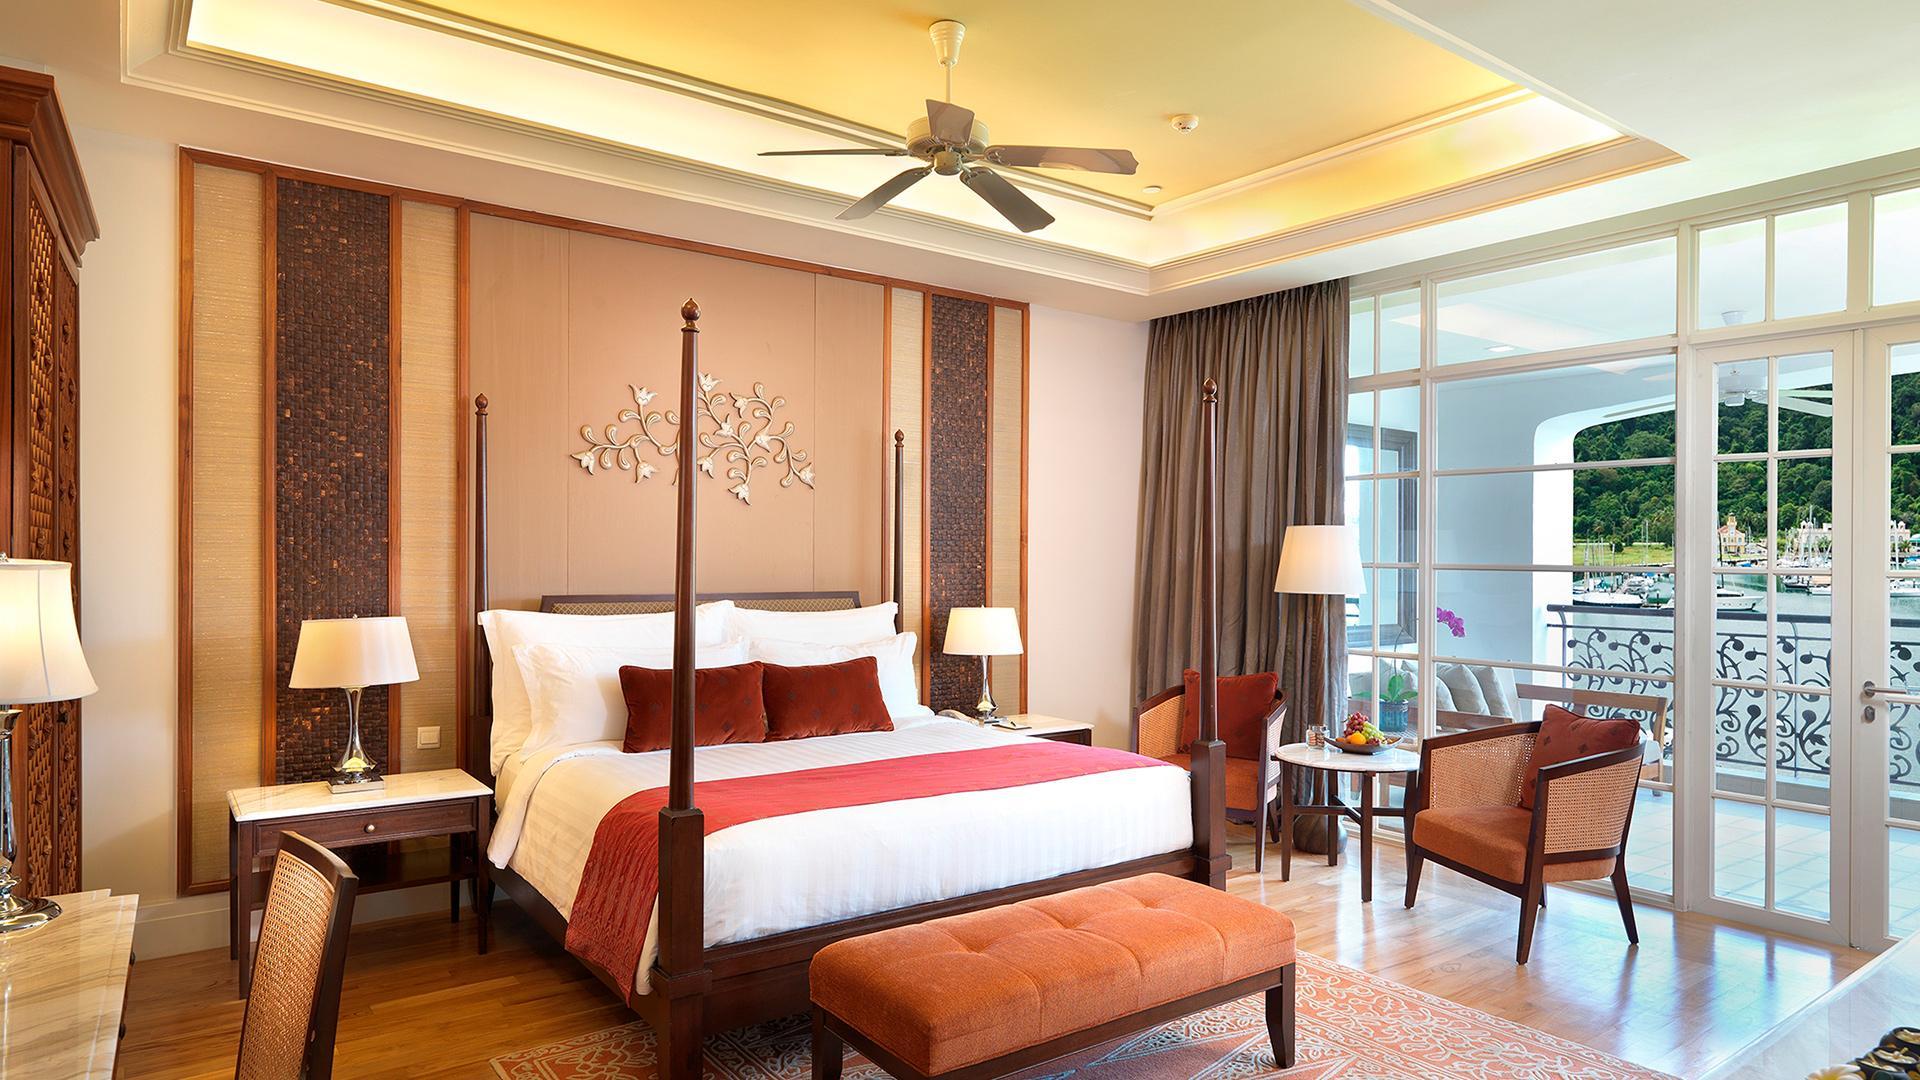 Marina Room image 1 at The Danna Langkawi by null, Kedah, Malaysia